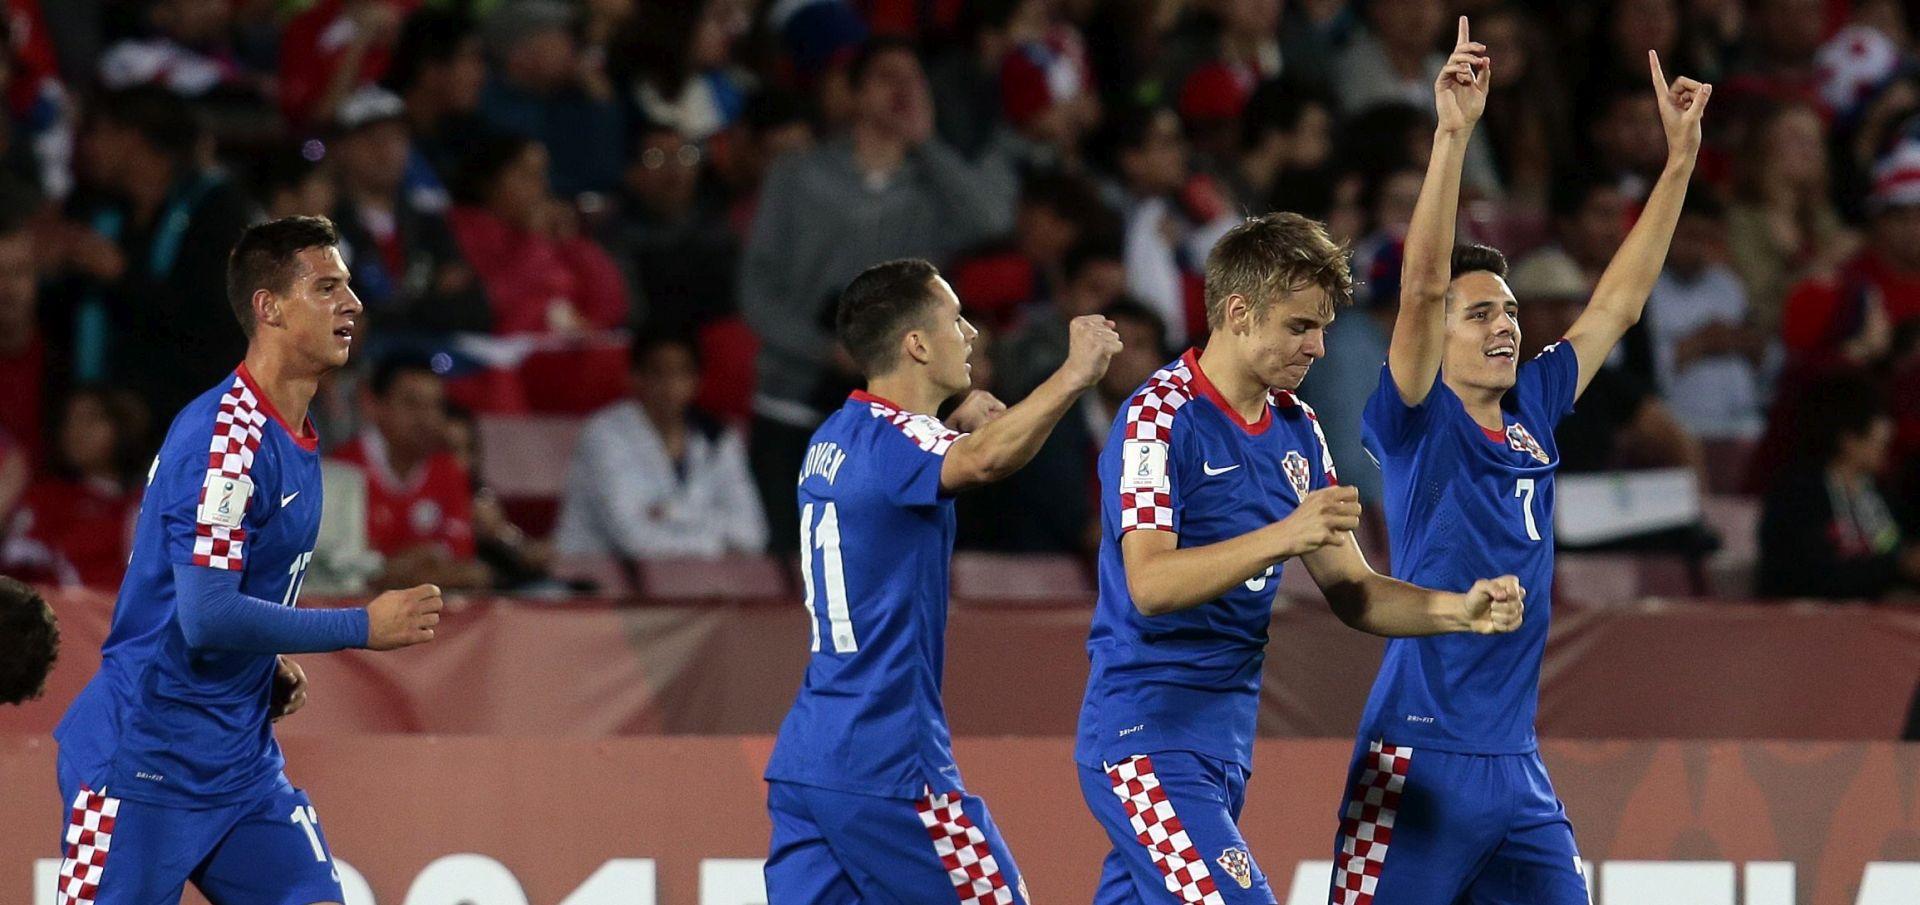 VIDEO: U17 SVJETSKO PRVENSTVO U ČILEU Hrvatska svladala Nigeriju za osminu finala